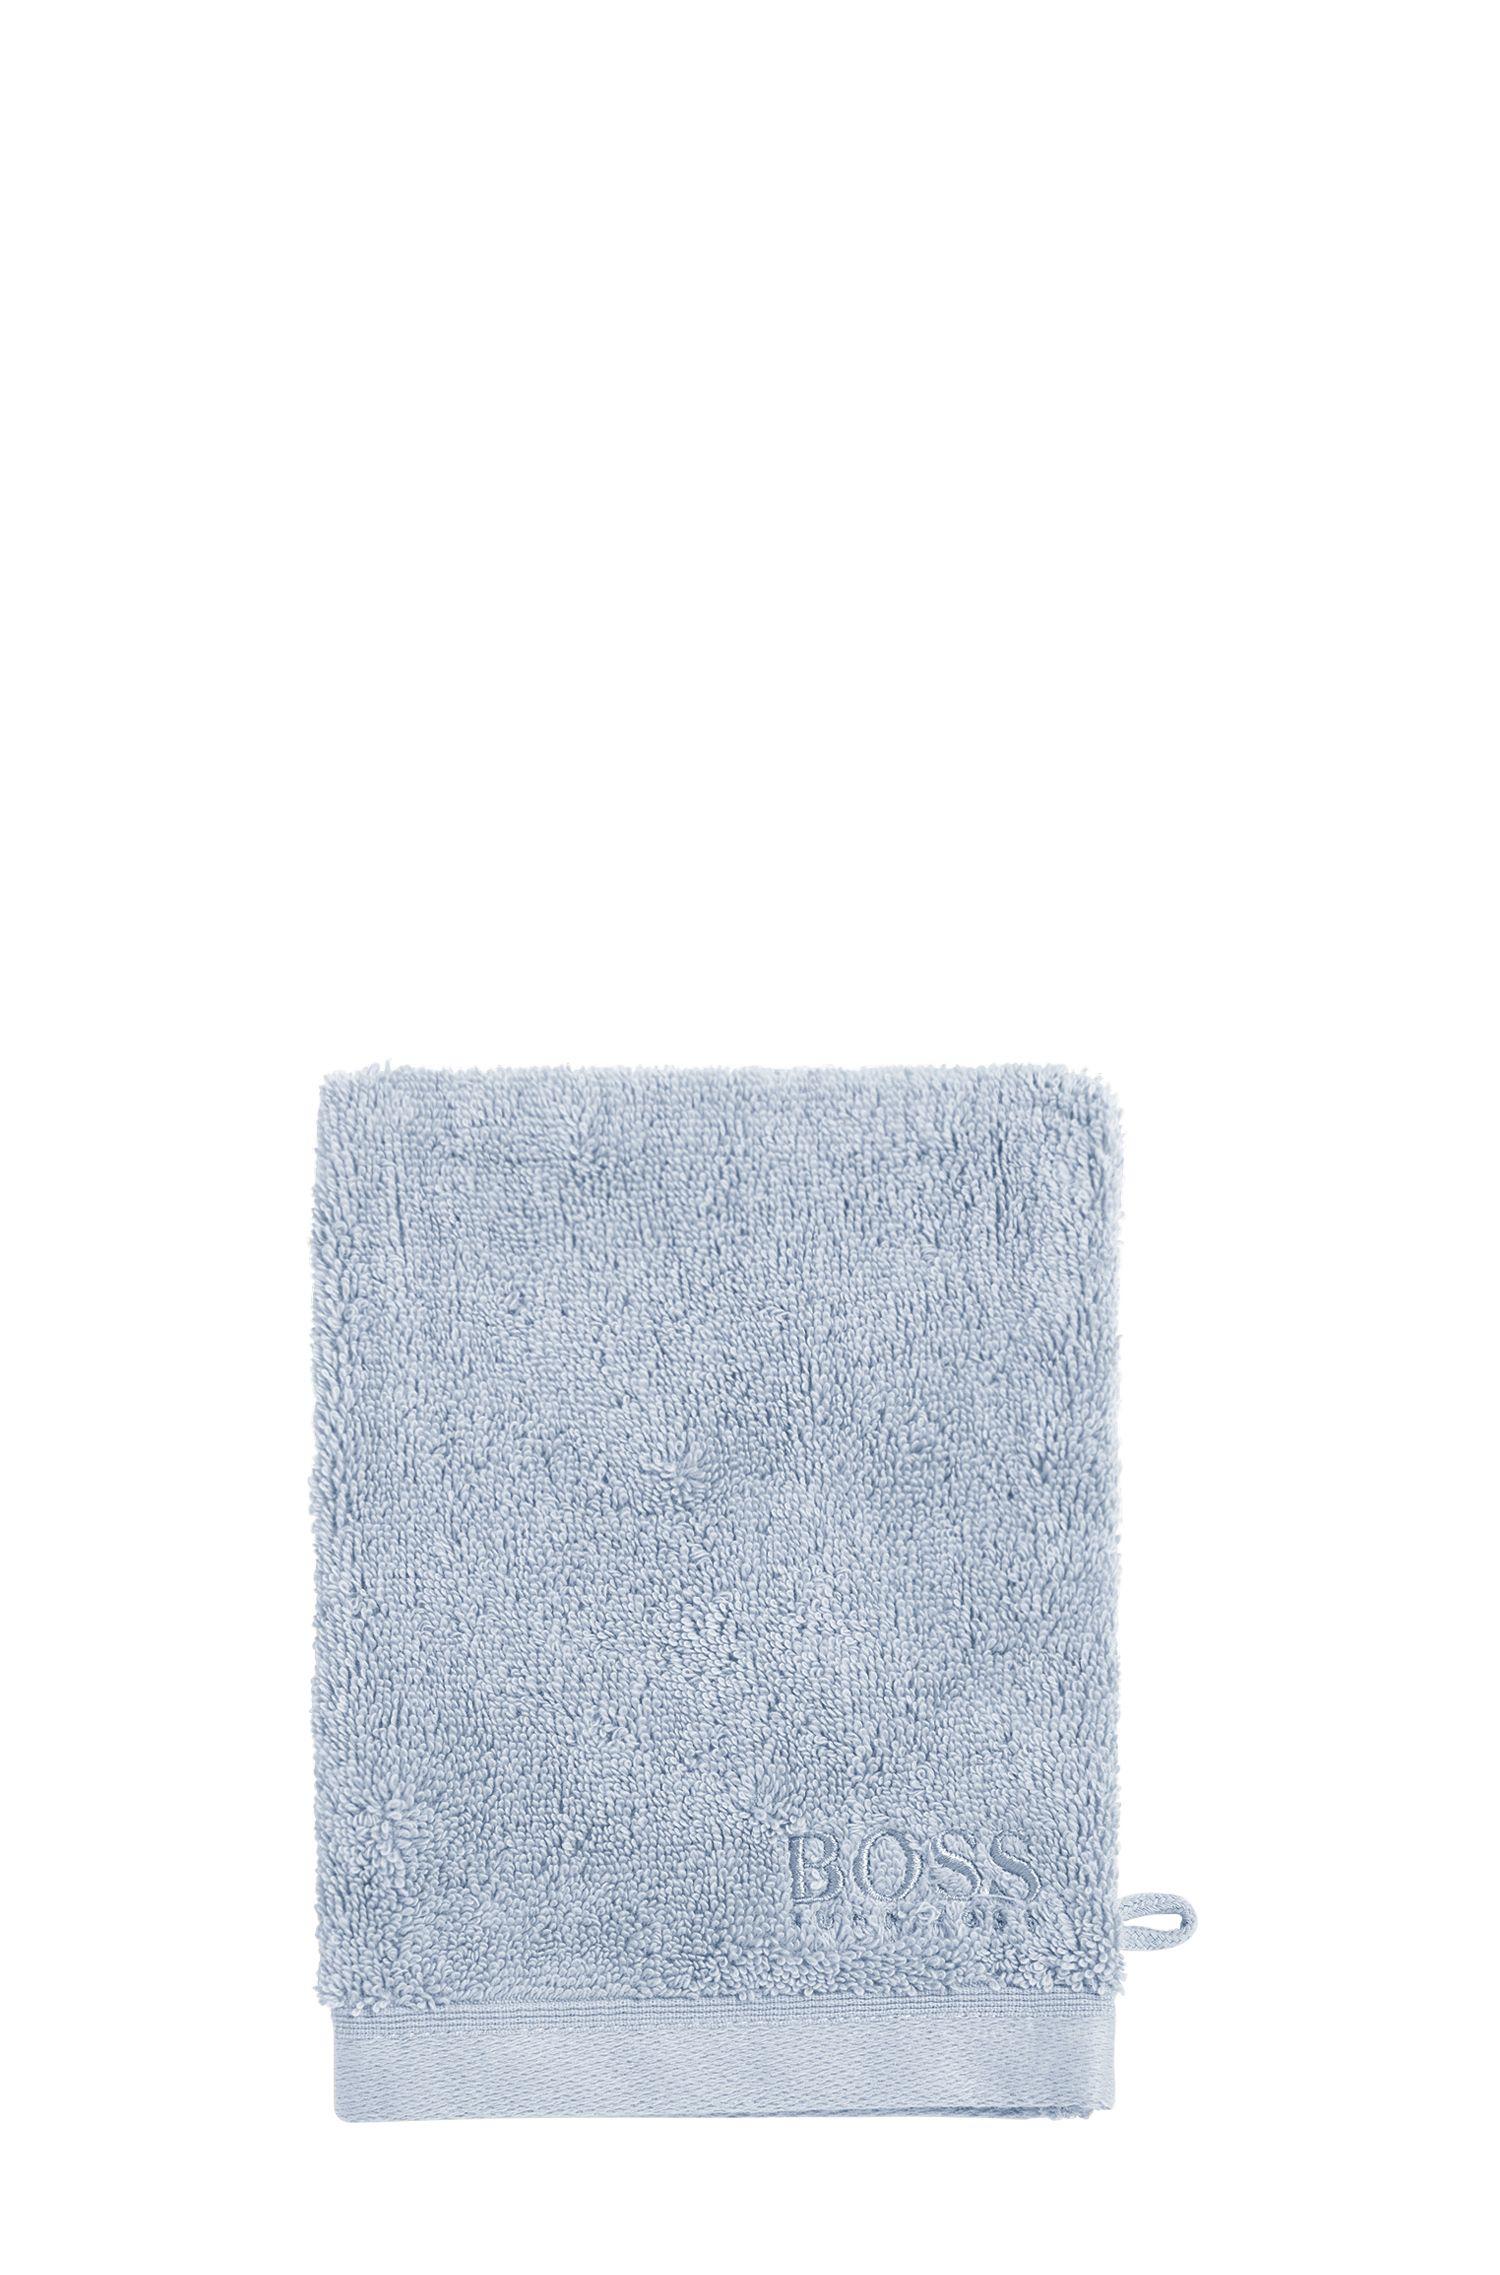 Gant de toilette en coton peigné de la mer Égée